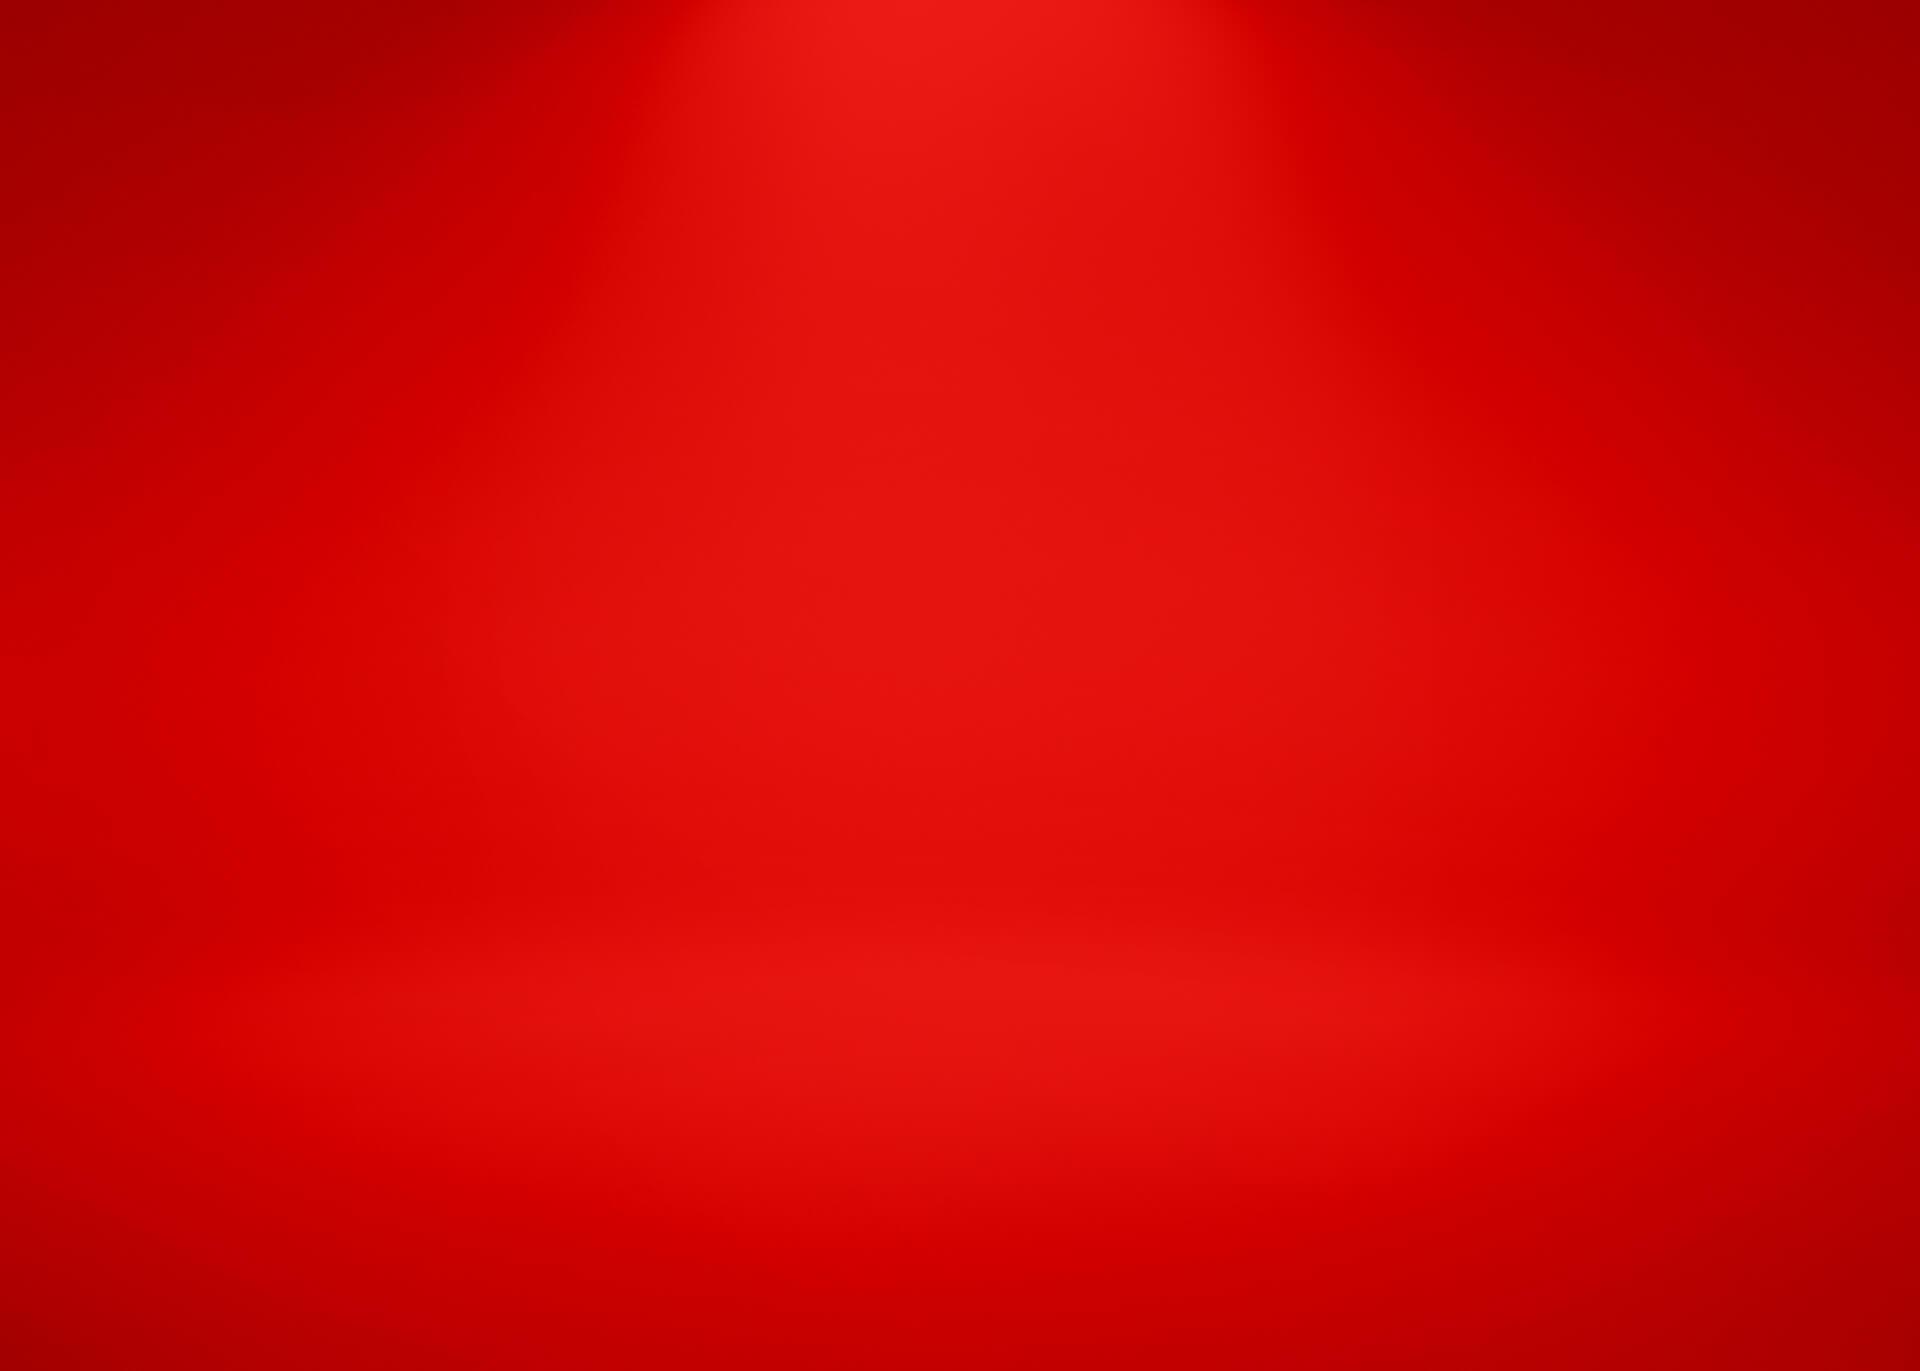 red-bg-1